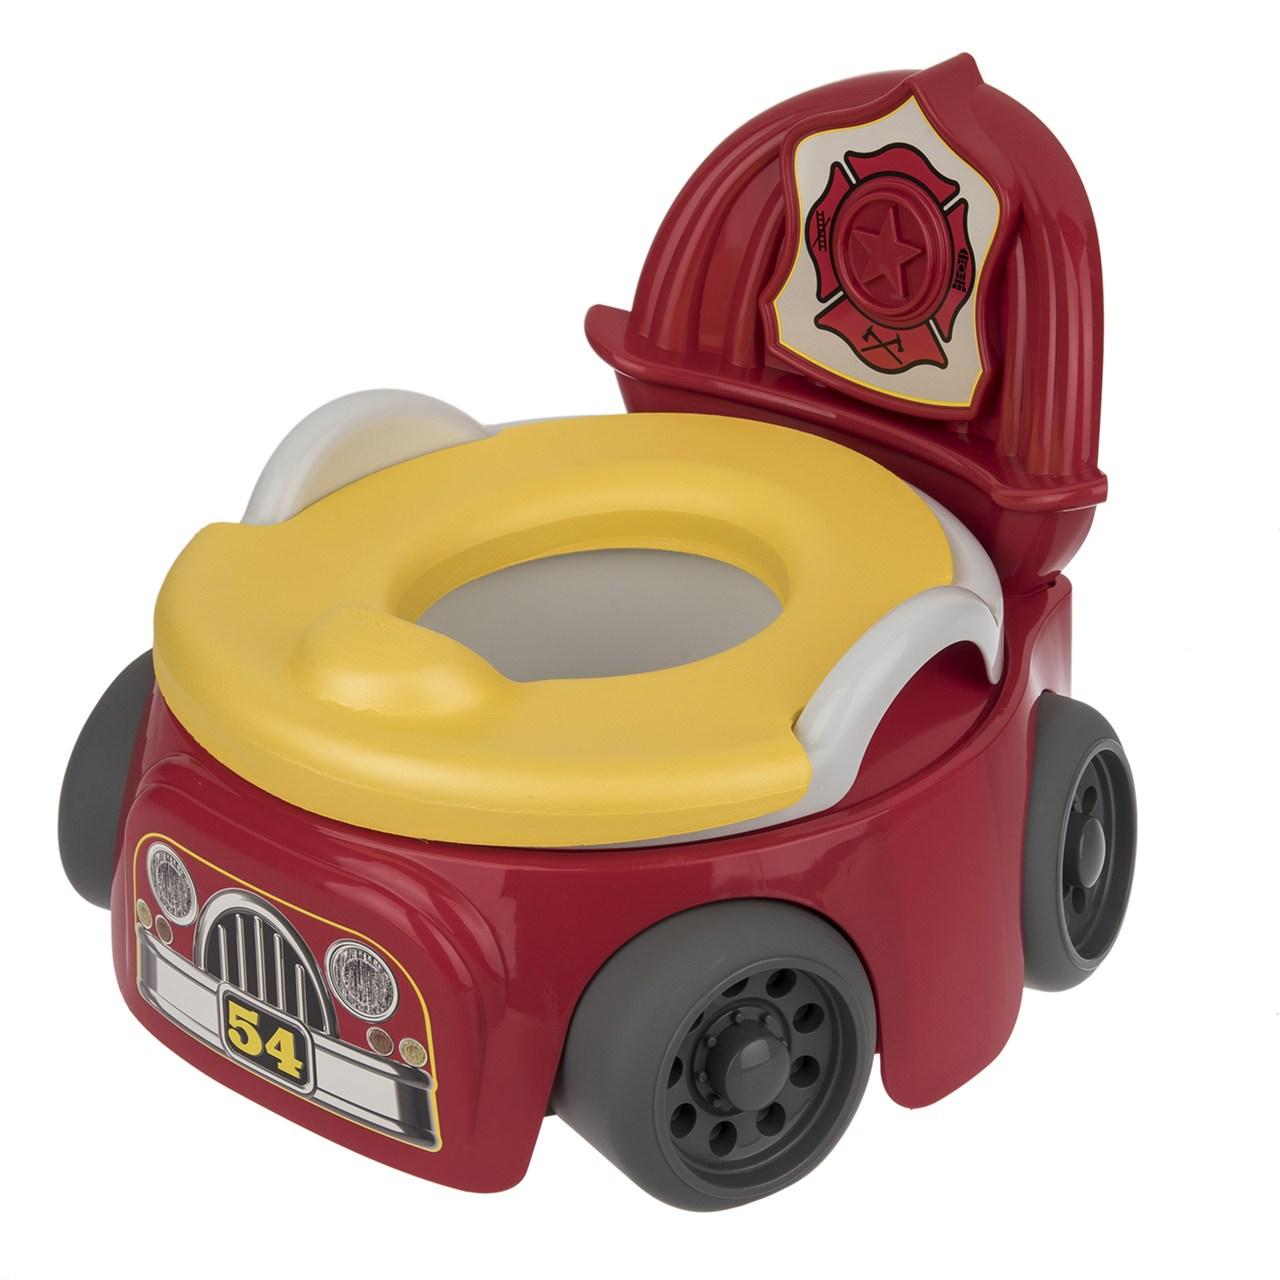 توالت فرنگی دفرست یرز مدل Car